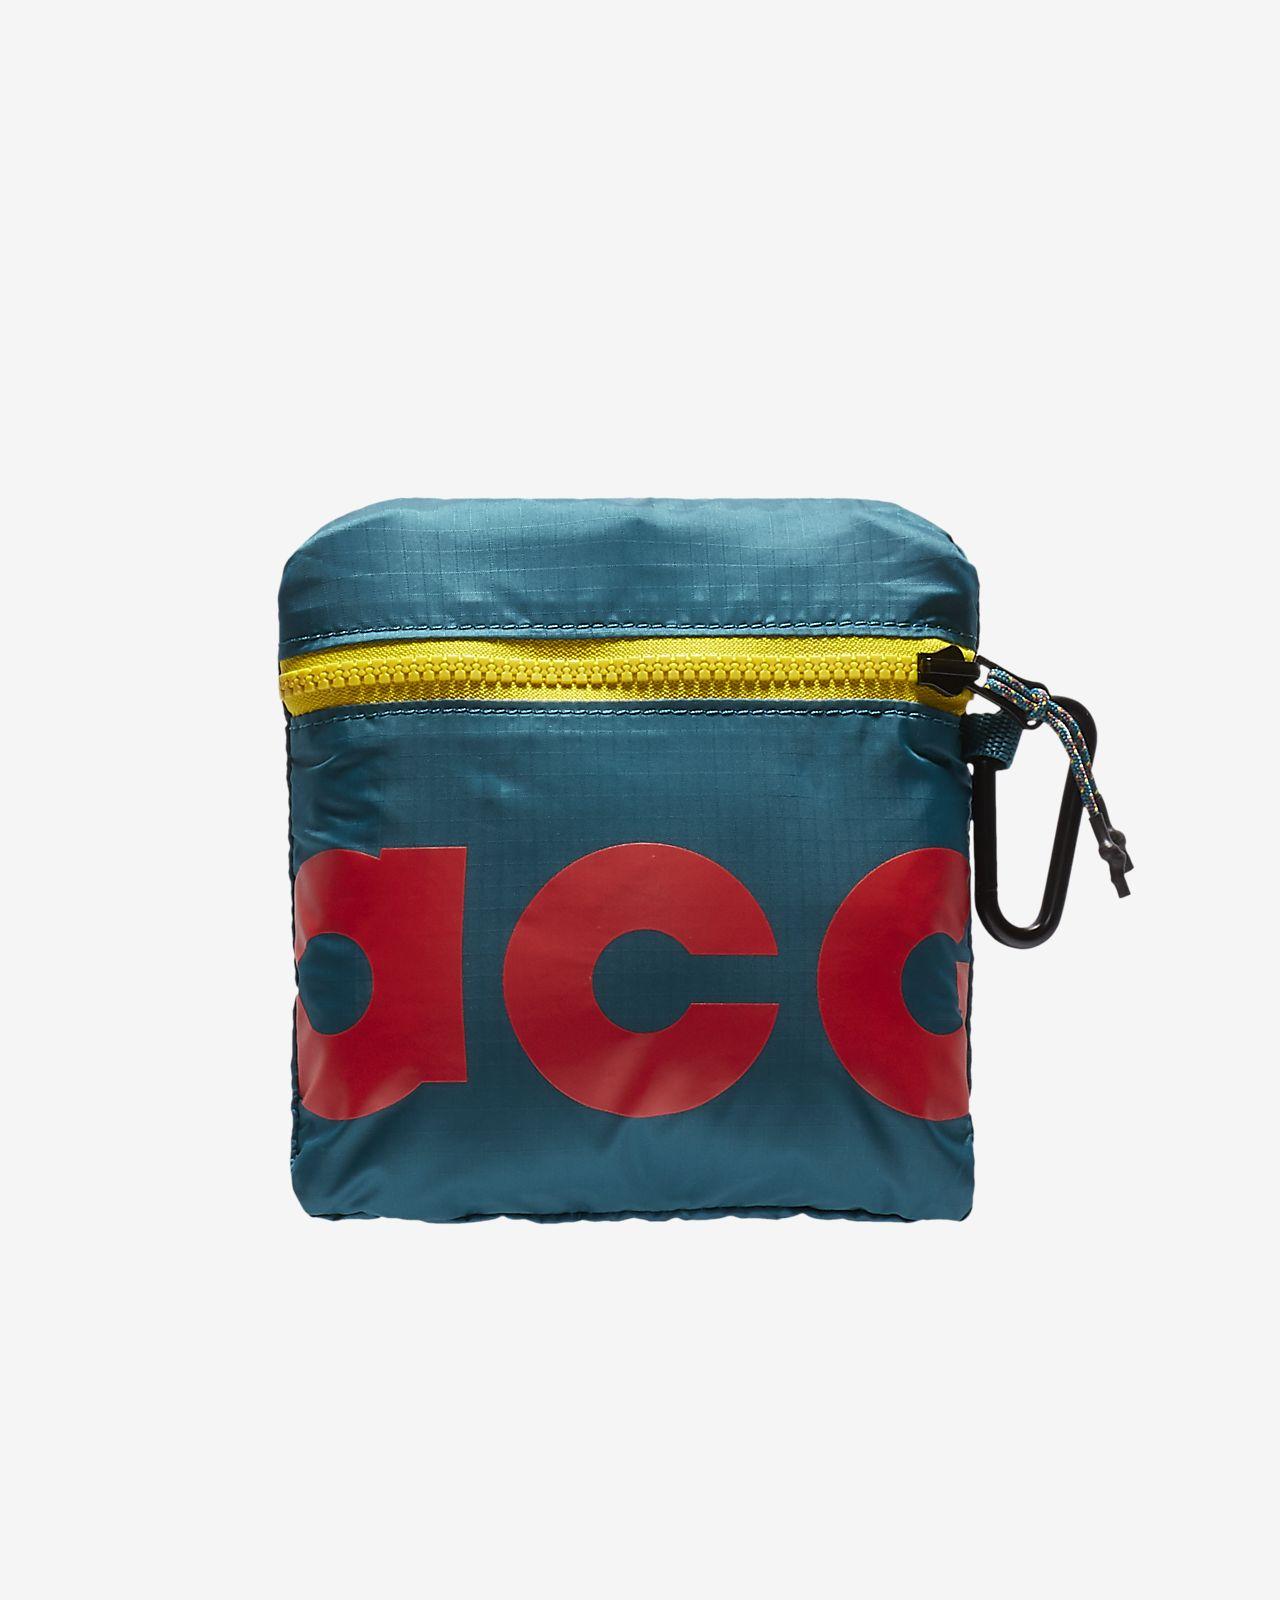 e3e93054fbe93 Low Resolution Plecak Nike ACG Packable Plecak Nike ACG Packable